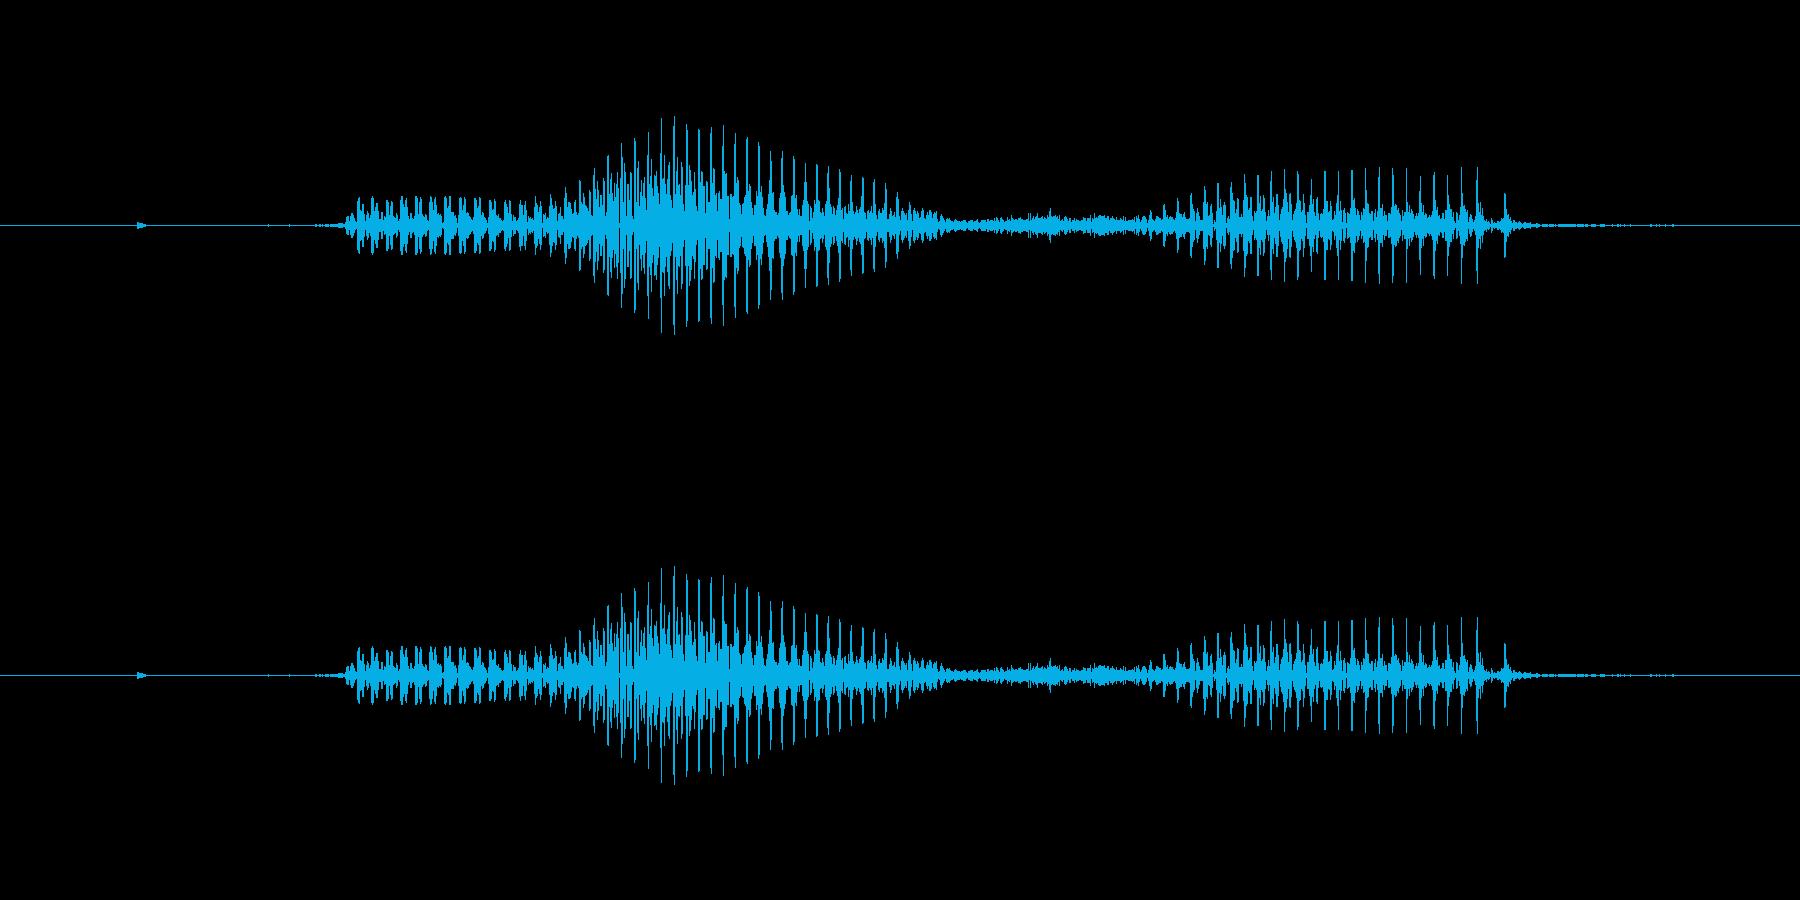 【星座】魚座の再生済みの波形